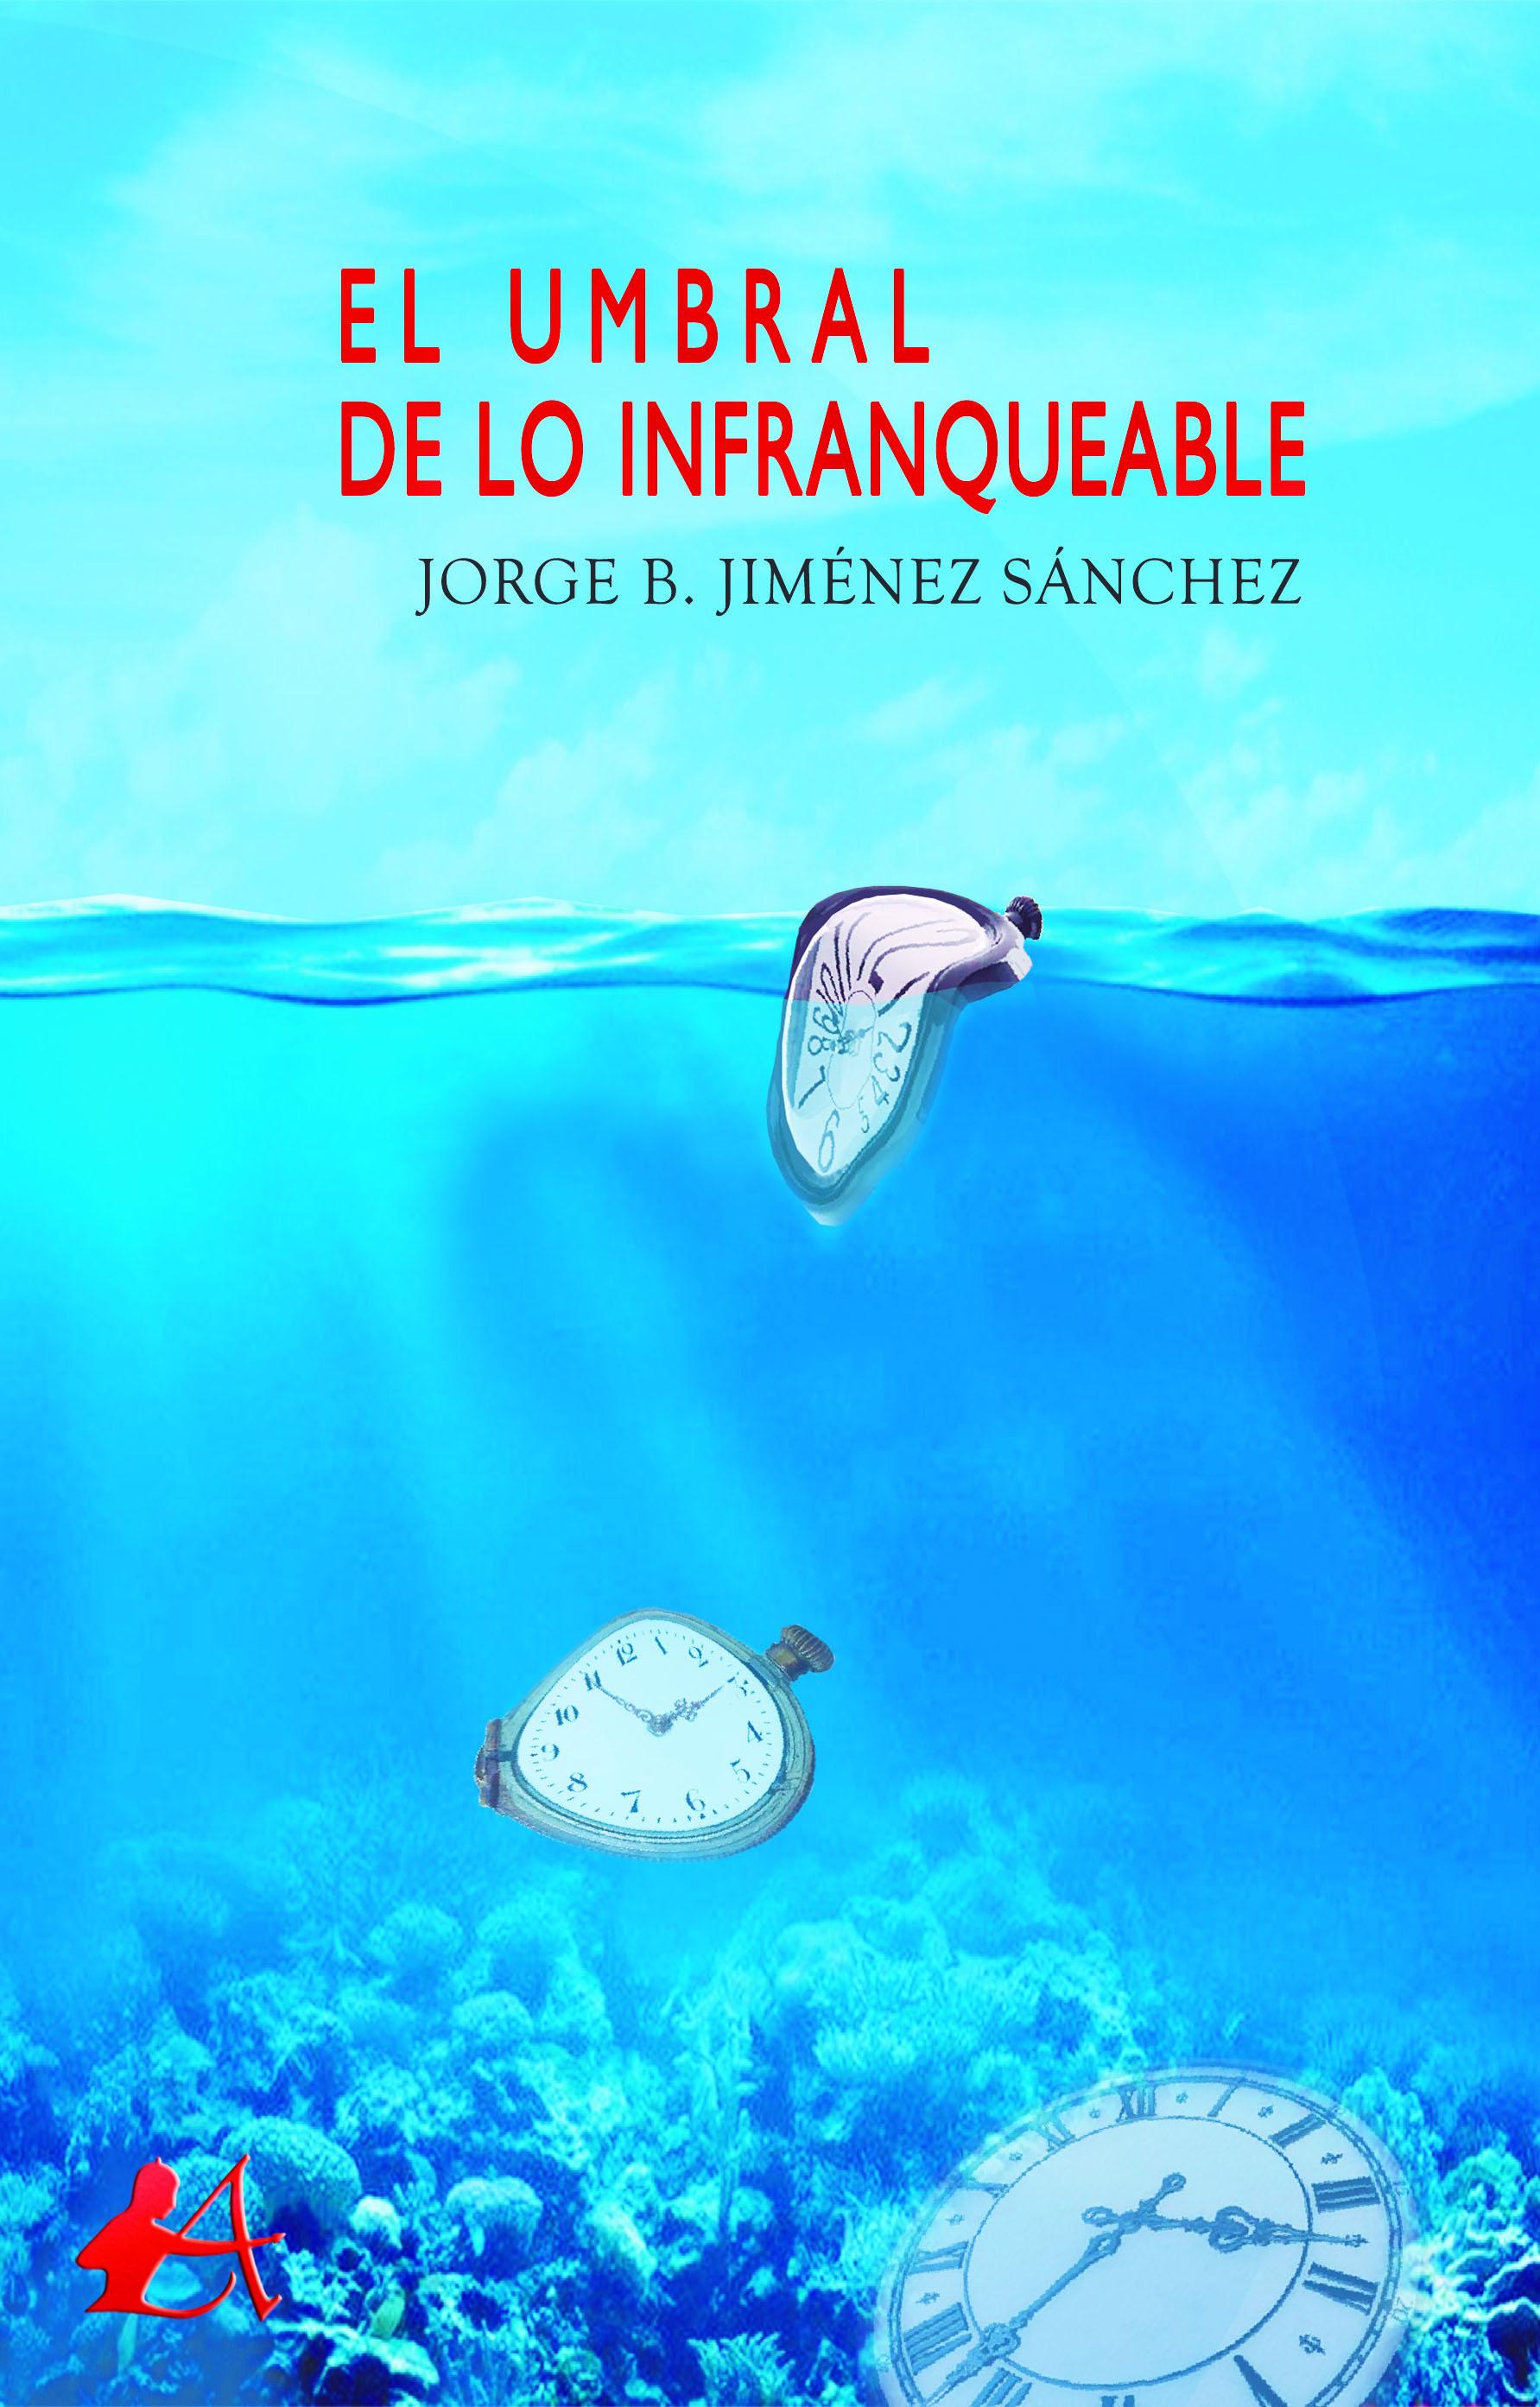 Portada del libro El umbral de lo infranqueable de Jorge B Jiménez Sánchez. Editorial Adarve, Escritores de hoy